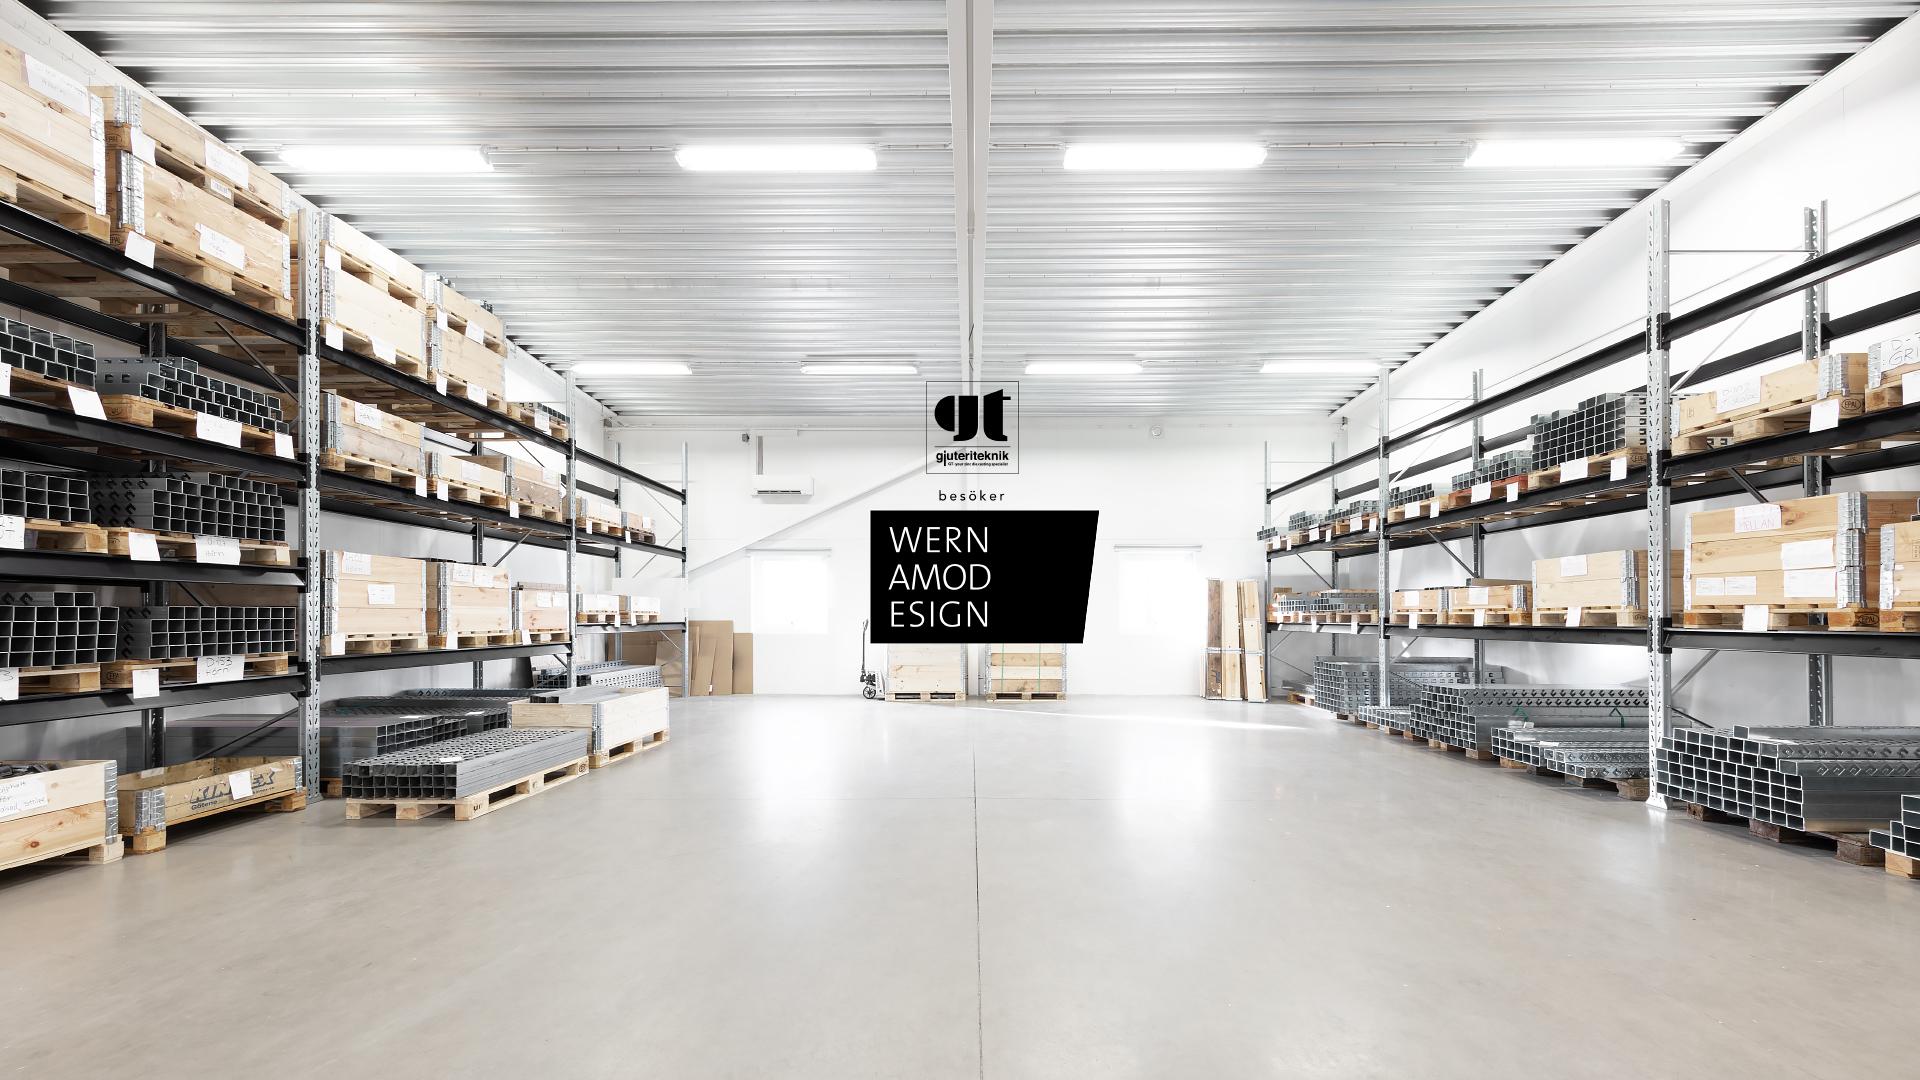 Gjuteriteknik på kundbesök hos Wernamo Design